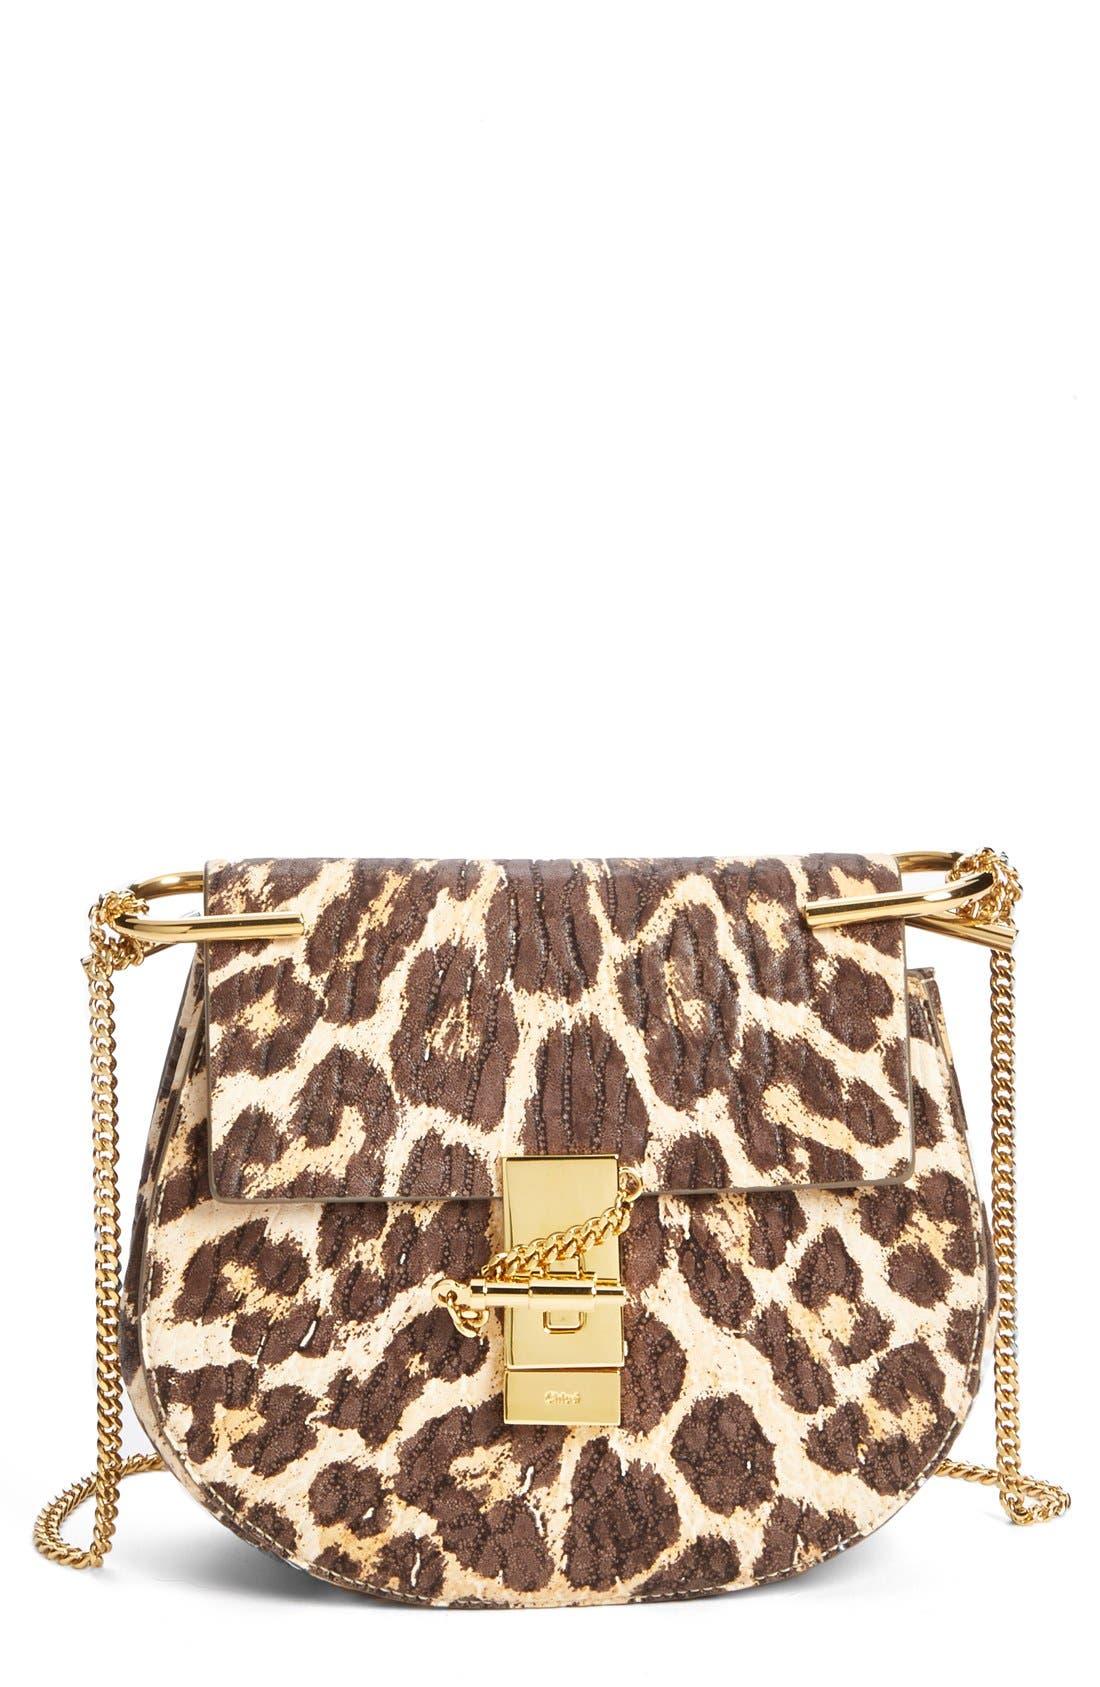 Alternate Image 1 Selected - Chloé 'Drew' Leopard Print Leather Shoulder Bag